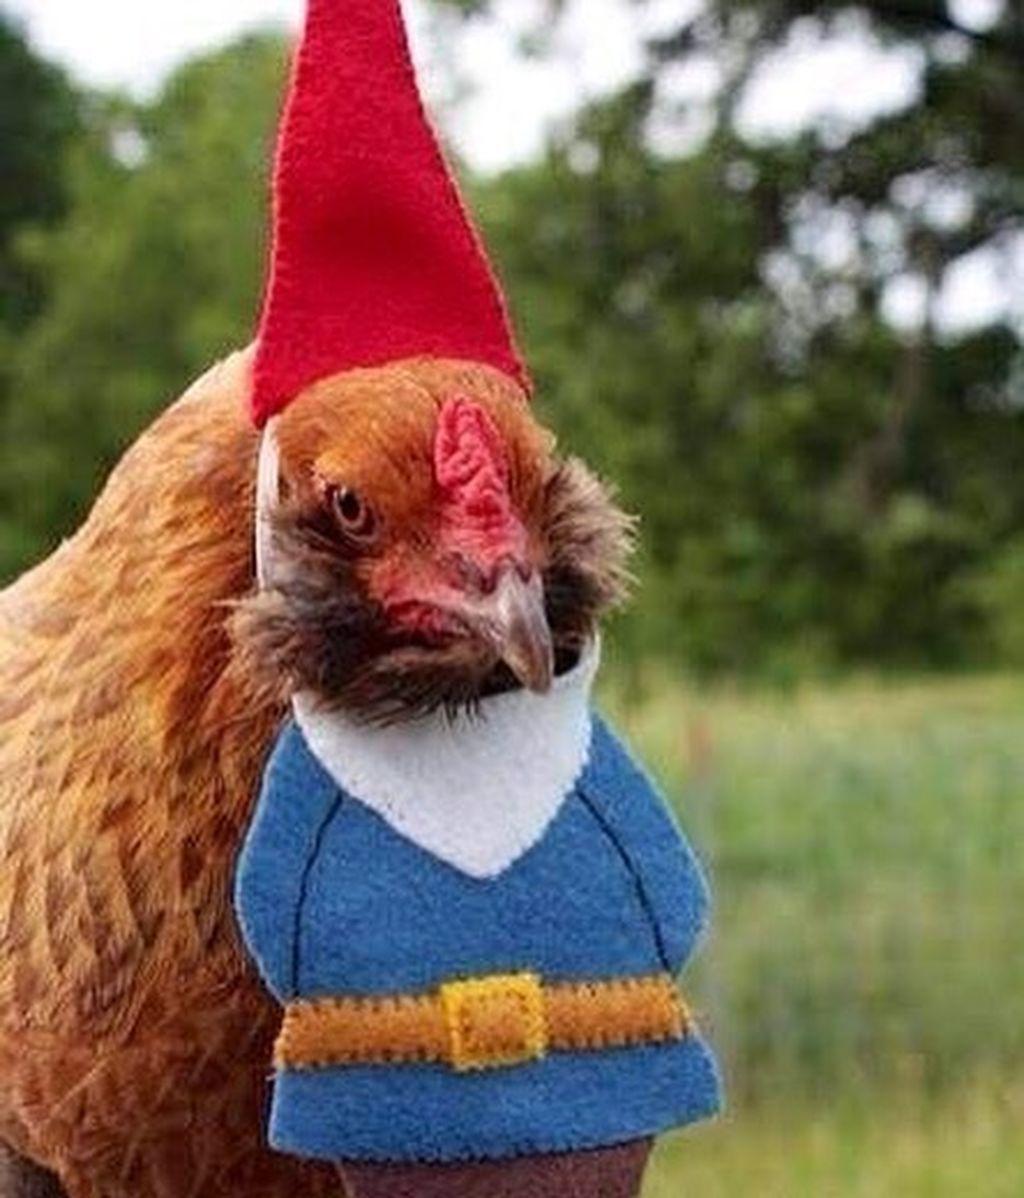 El gobierno de EEUU se ha visto obligado a pedir que dejen de disfrazar a las gallinas por Halloween